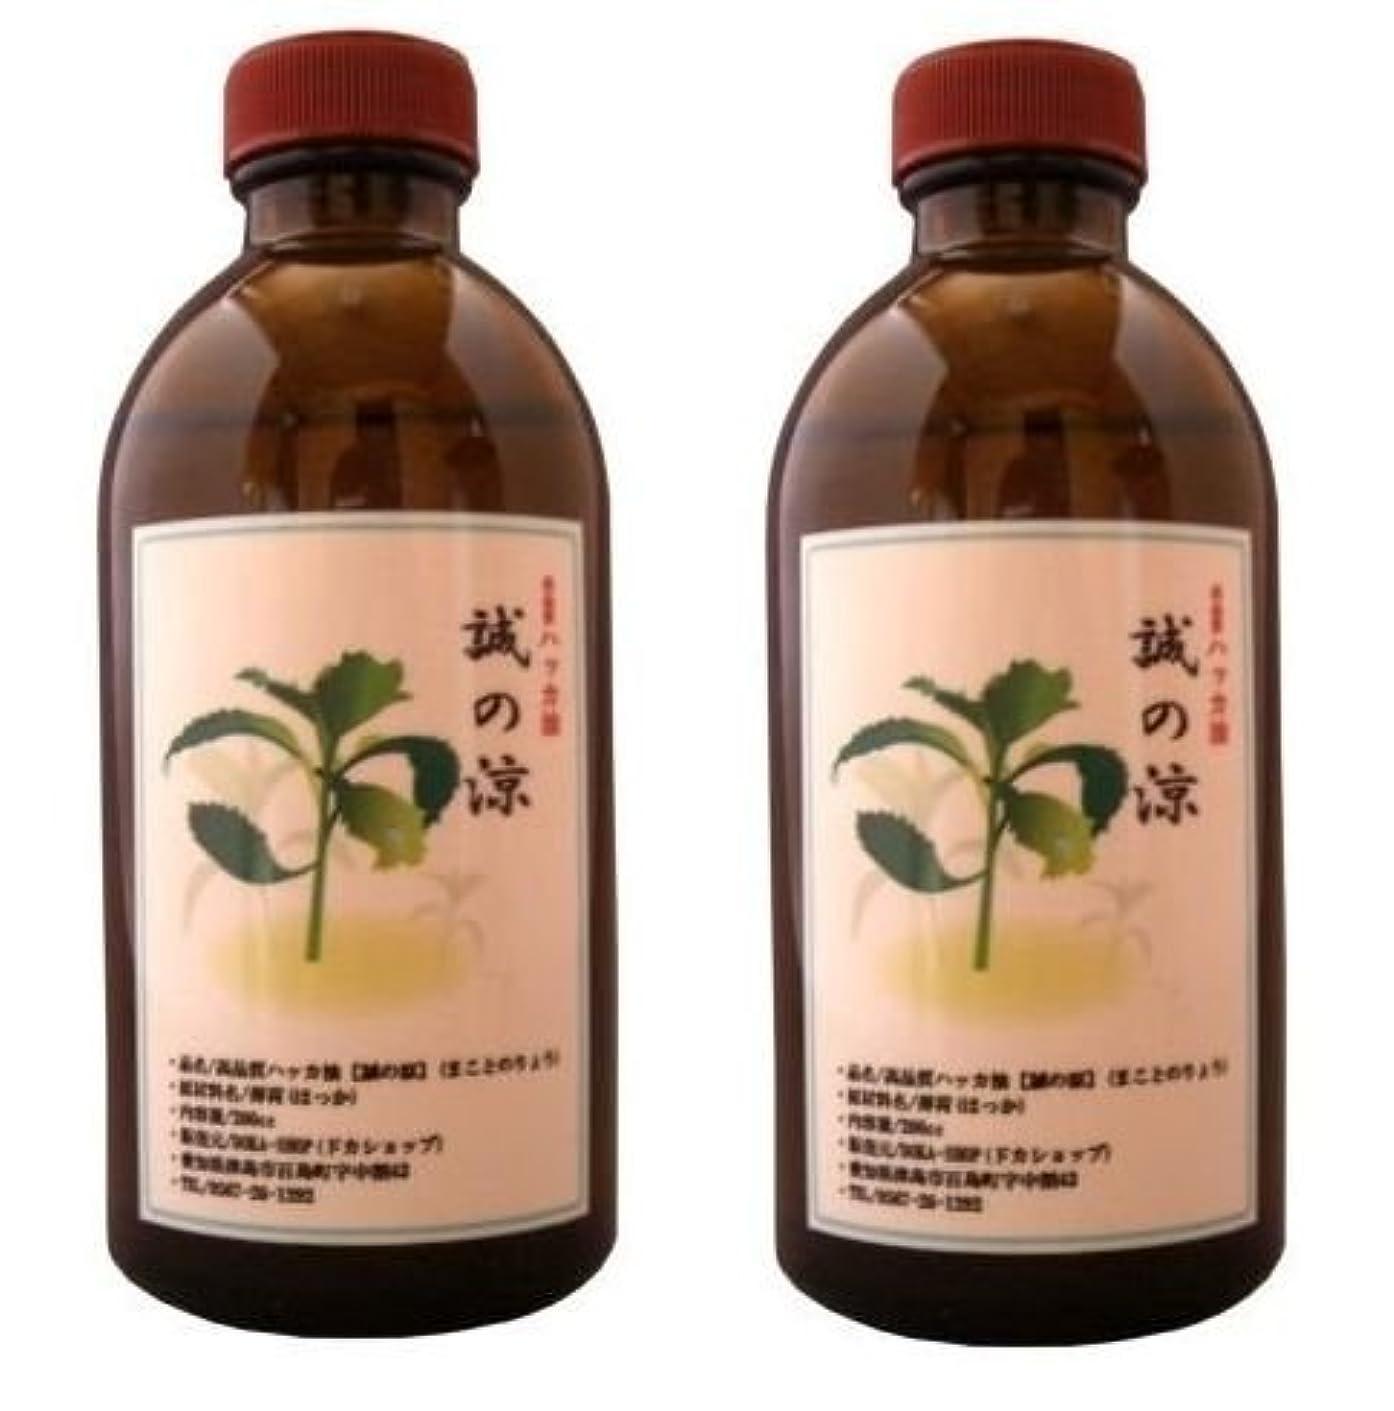 苦い九月DOKA-SHOP 高品質ハッカ精油100%【誠の涼(まことのりょう)】日本国内加工精製 たっぷり使えてバツグンの爽快感 200cc×2本セット